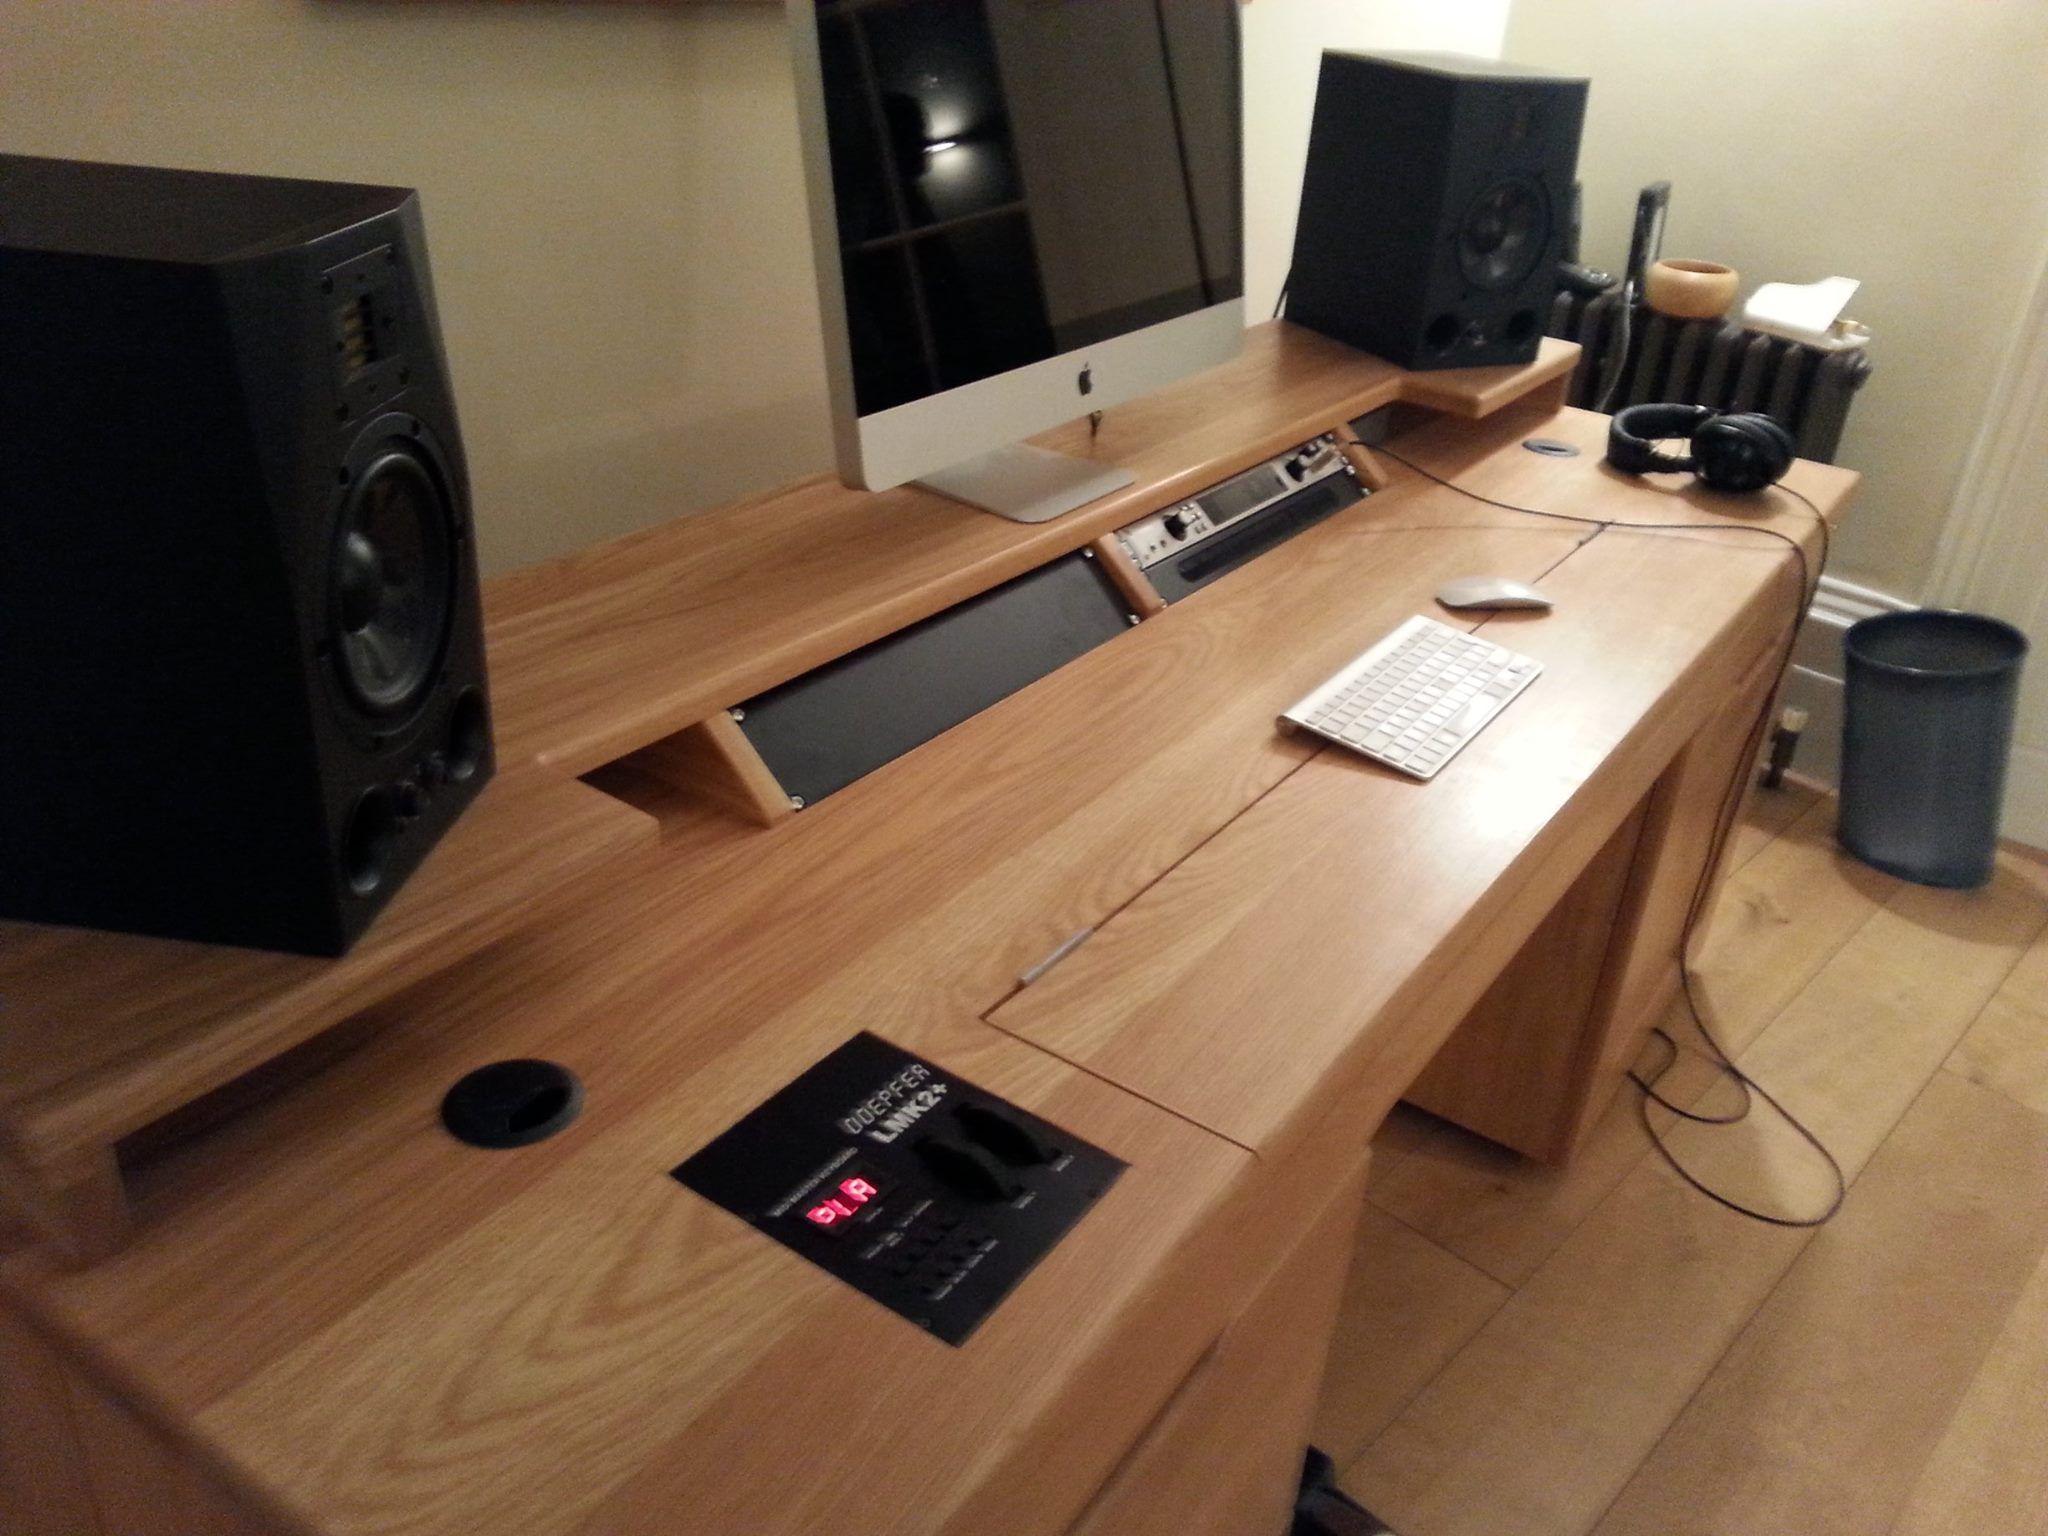 Custom built recording studio desk, built to house Doepfer